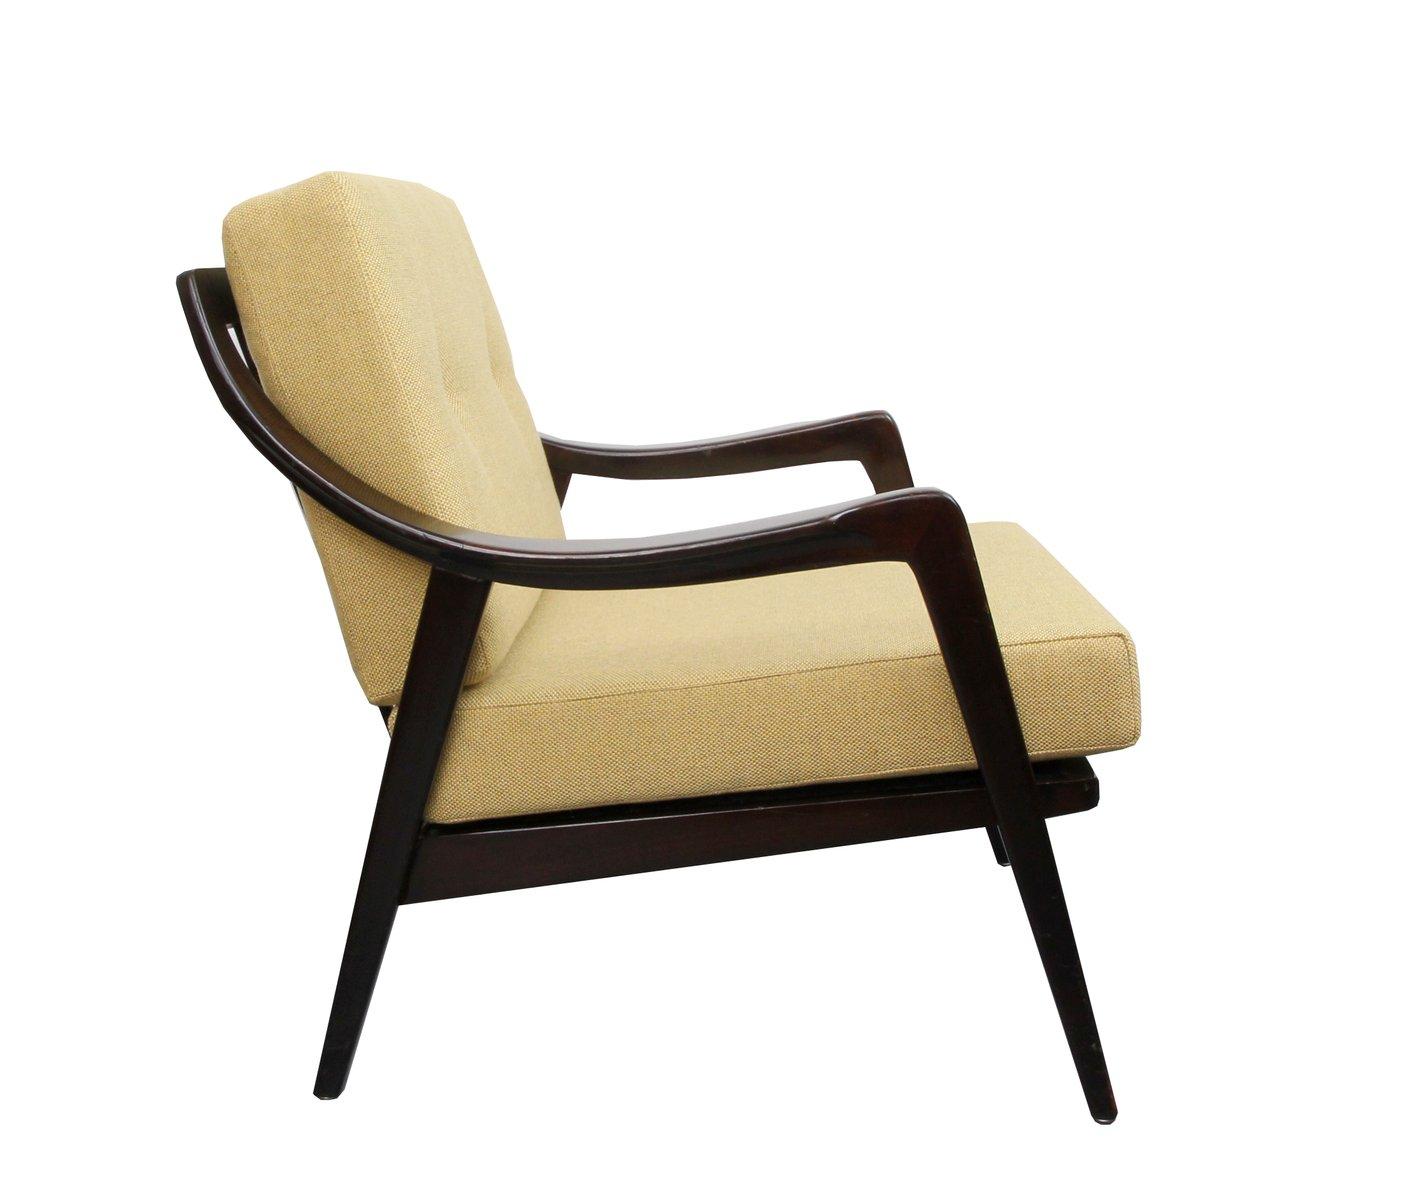 sessel mit gelben kissen 1950er bei pamono kaufen. Black Bedroom Furniture Sets. Home Design Ideas